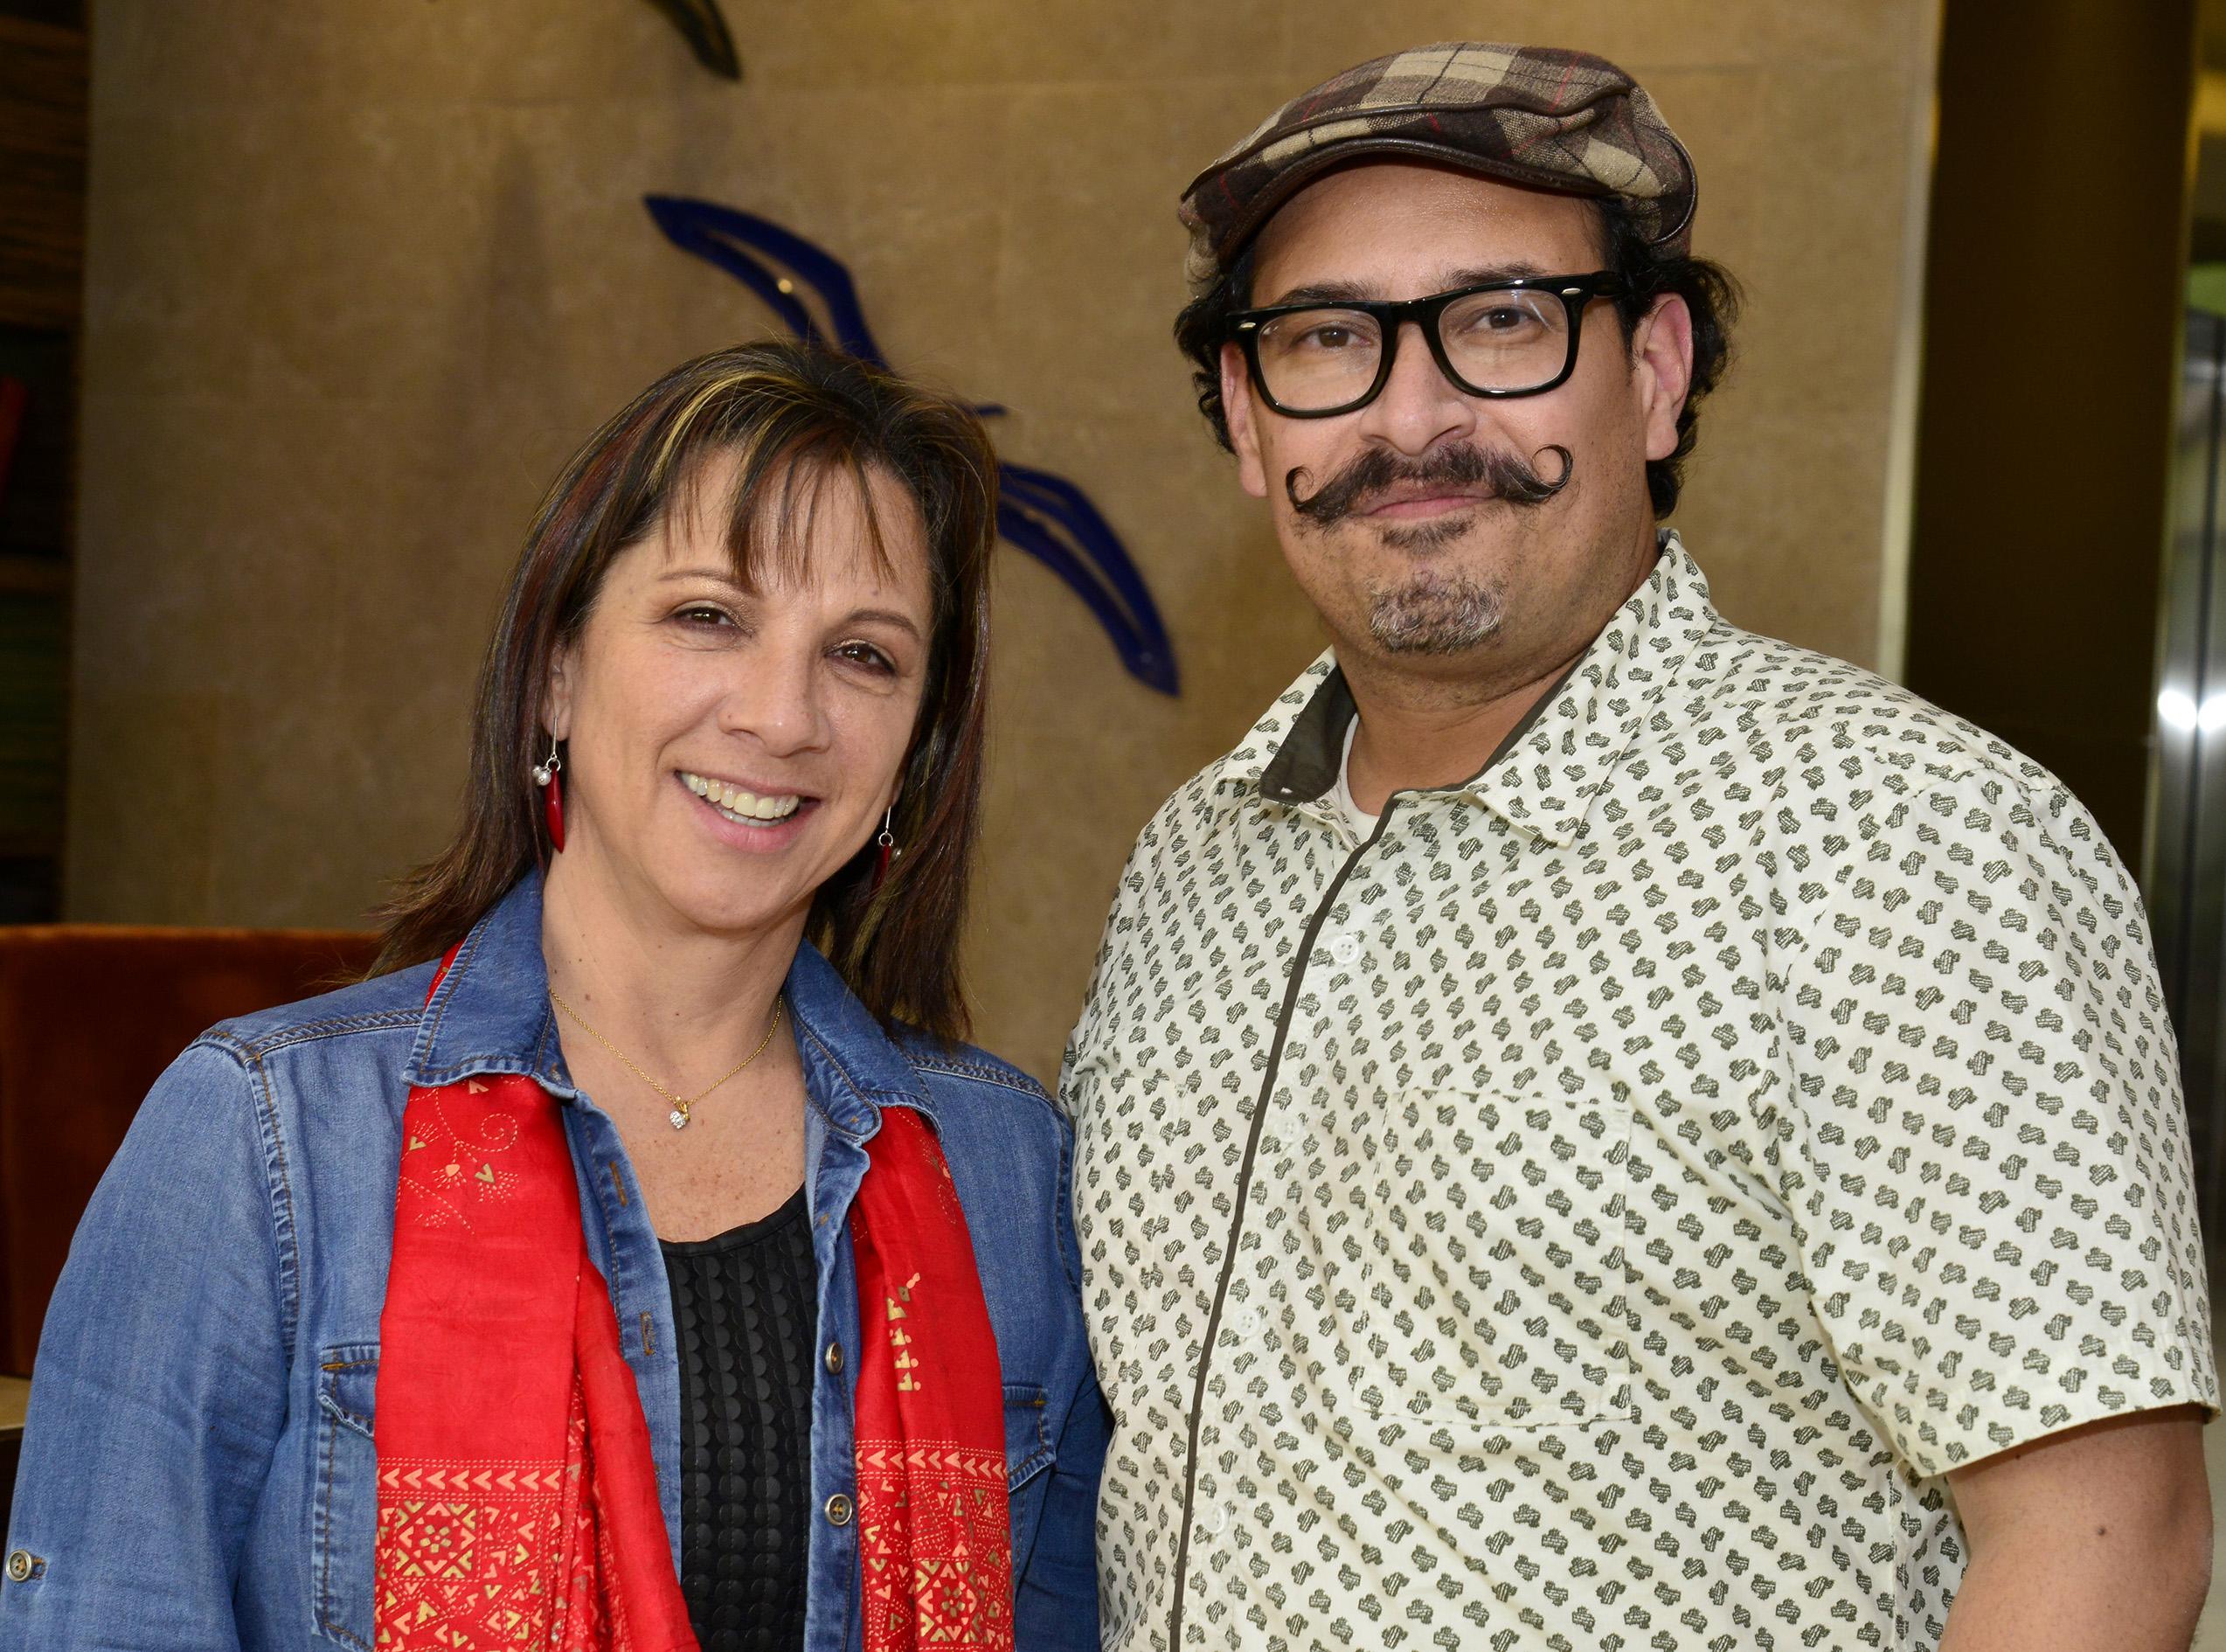 Pilar Morales y el caricaturista Nadim